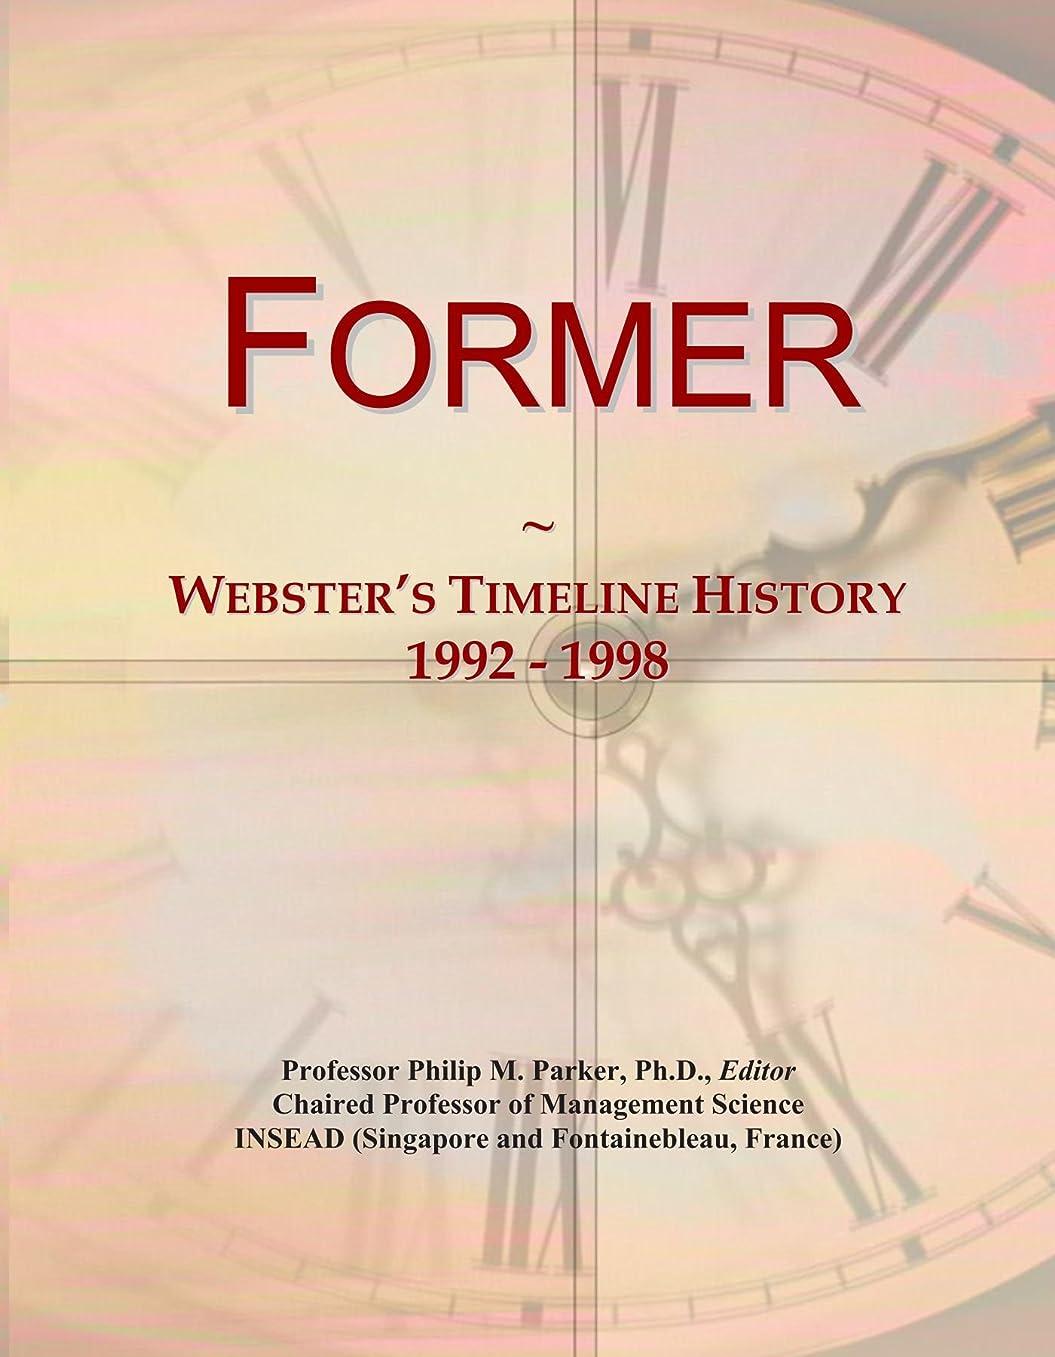 二層意図する小間Former: Webster's Timeline History, 1992 - 1998